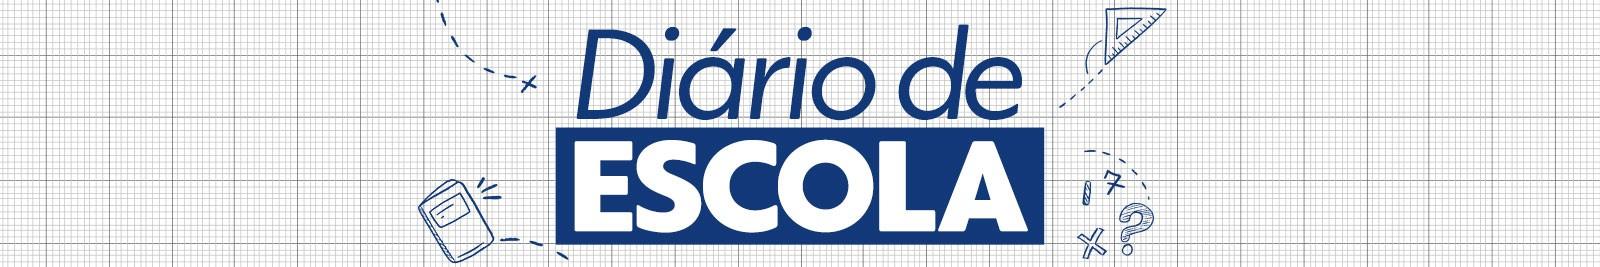 'Diário de Escola': Alunos da rede pública de Araraquara escrevem livro de poesia - Notícias - Plantão Diário